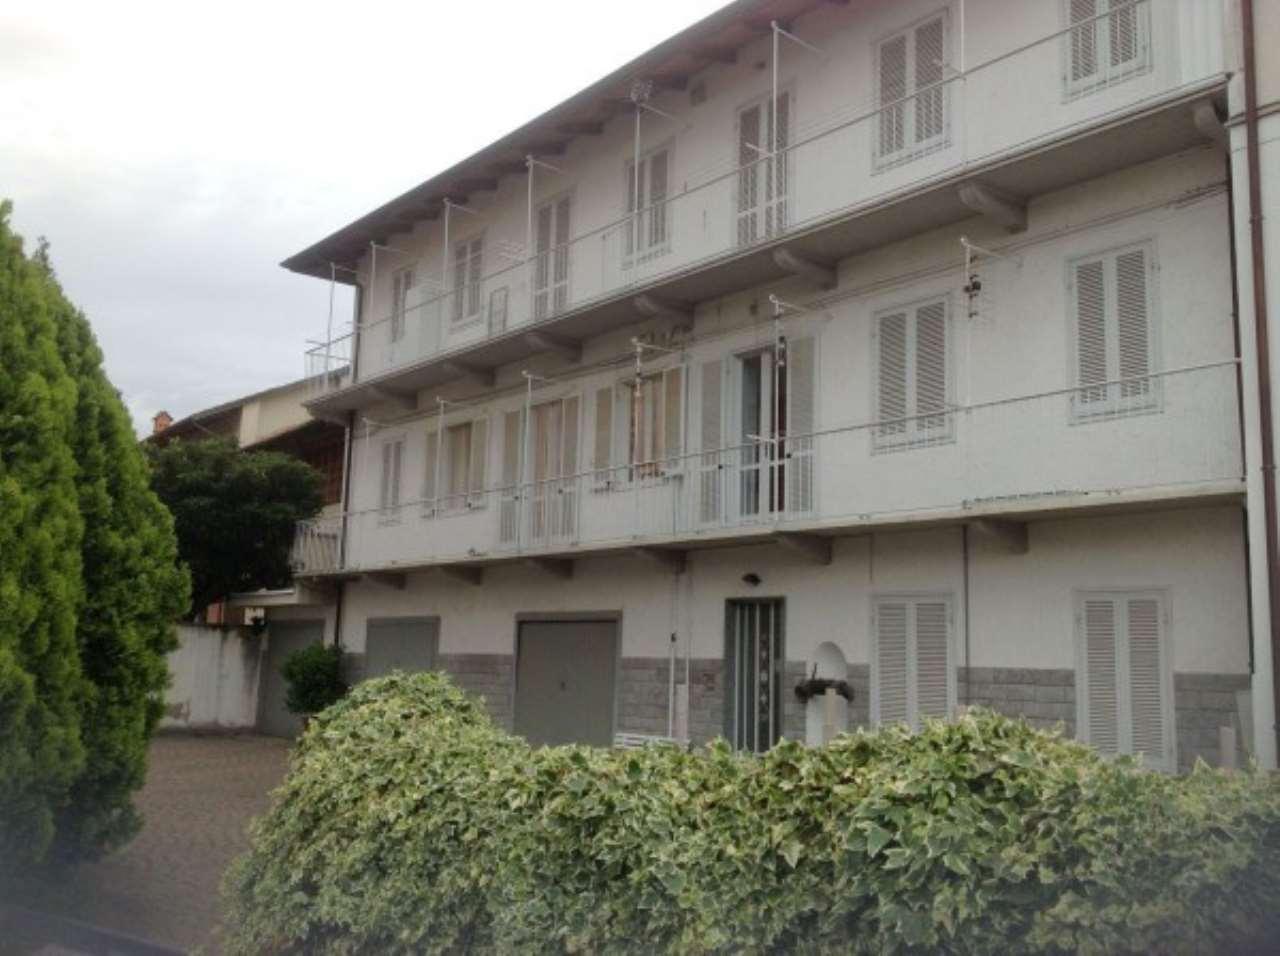 Appartamento in vendita a Mathi, 2 locali, prezzo € 33.000 | CambioCasa.it